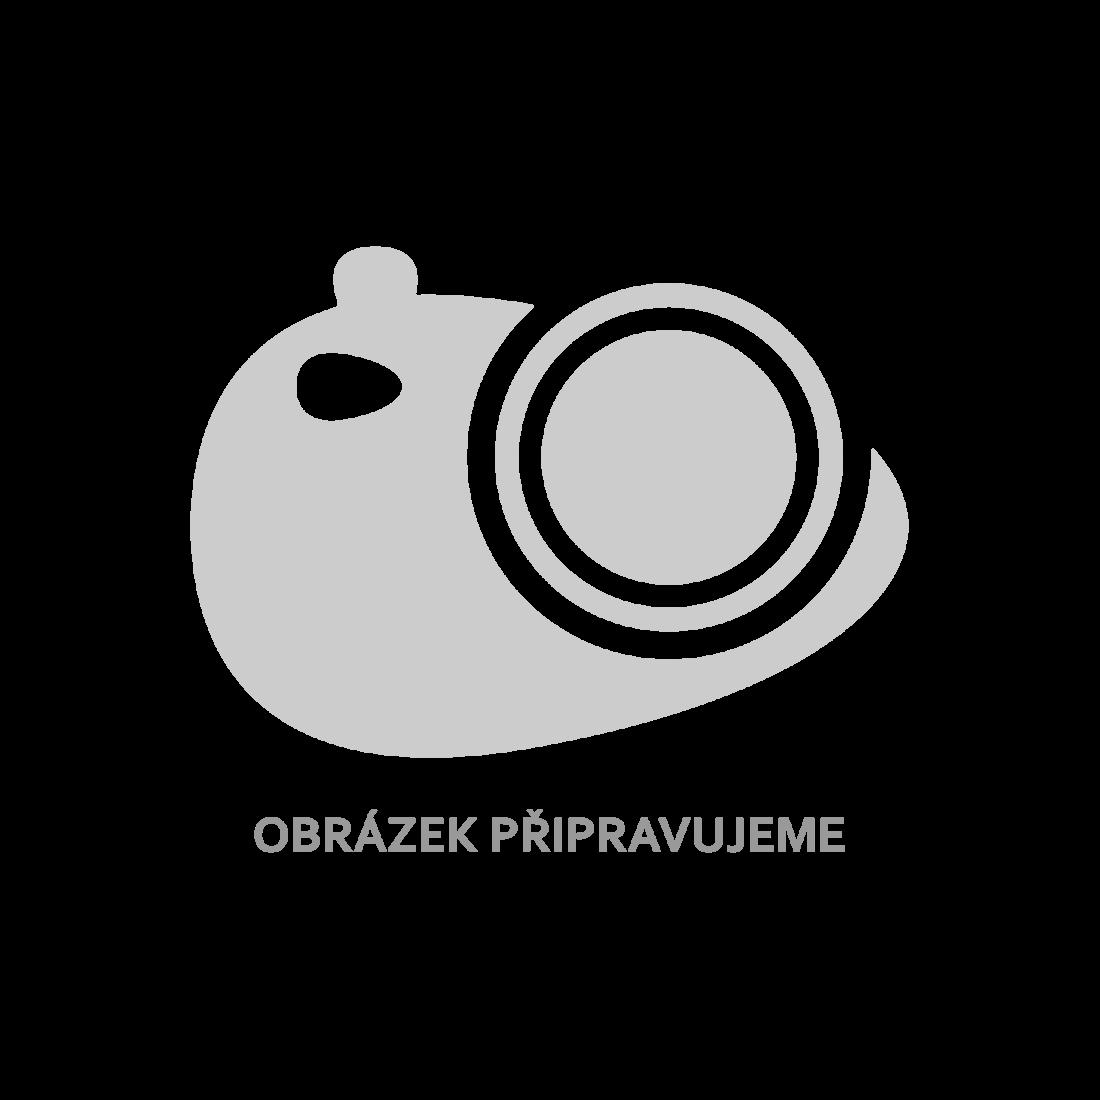 Zatahovací postranní markýza / zástěna, 160x600 cm, černá